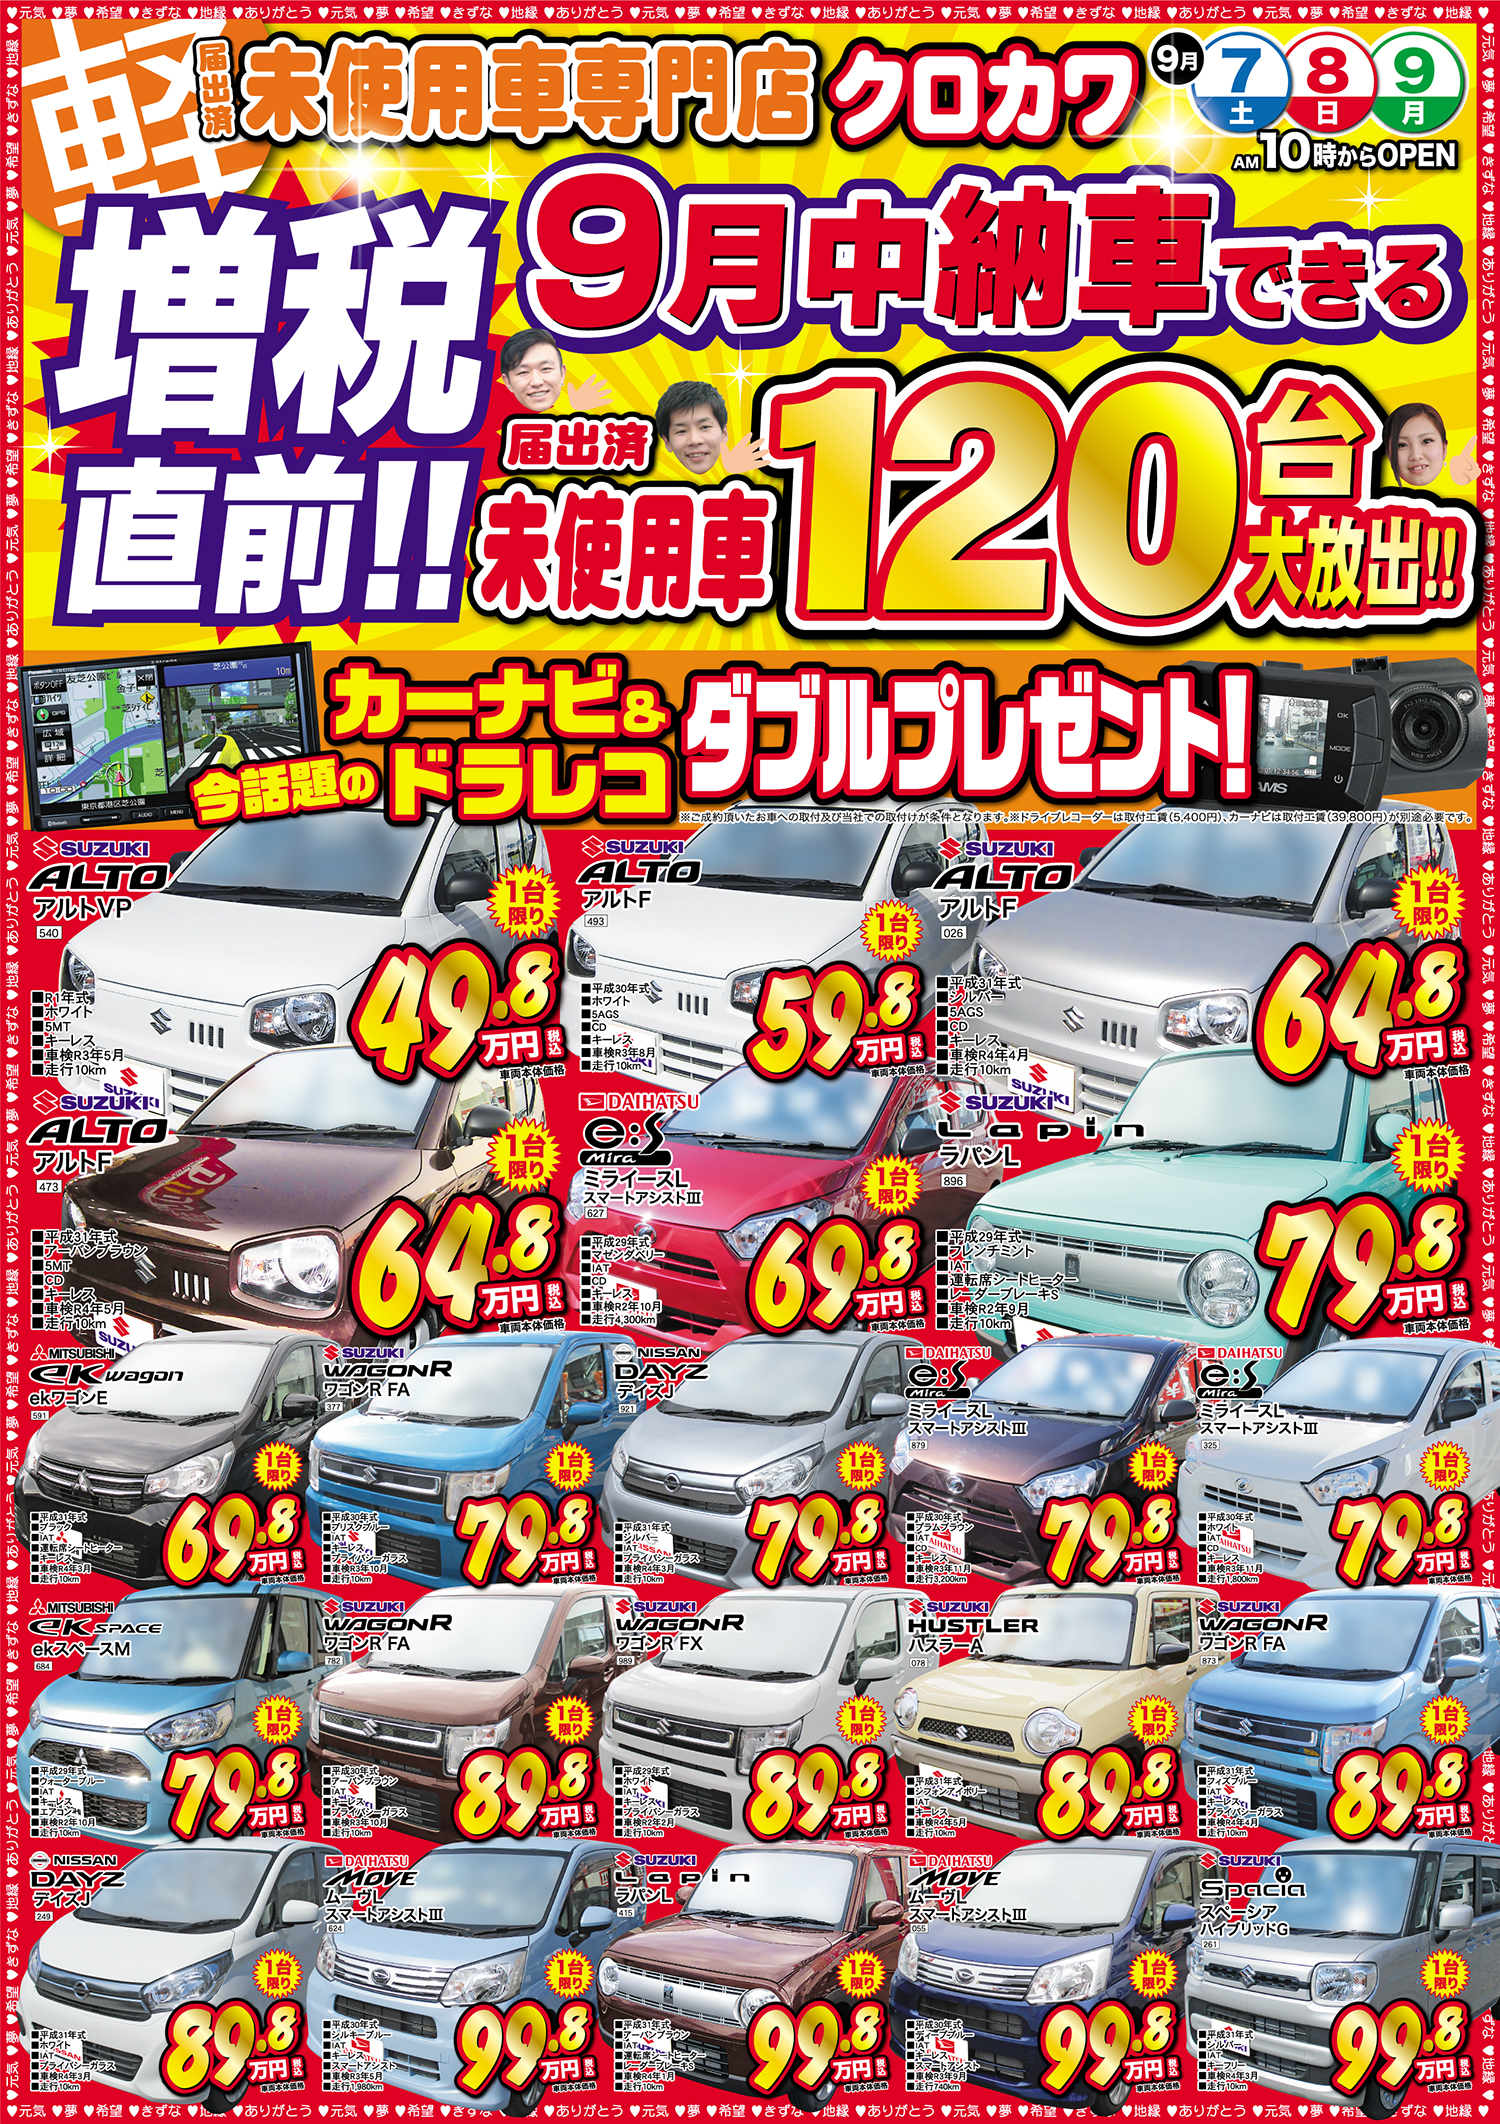 【増税直前】9月中に納車出来る!未使用車120台大放出!!